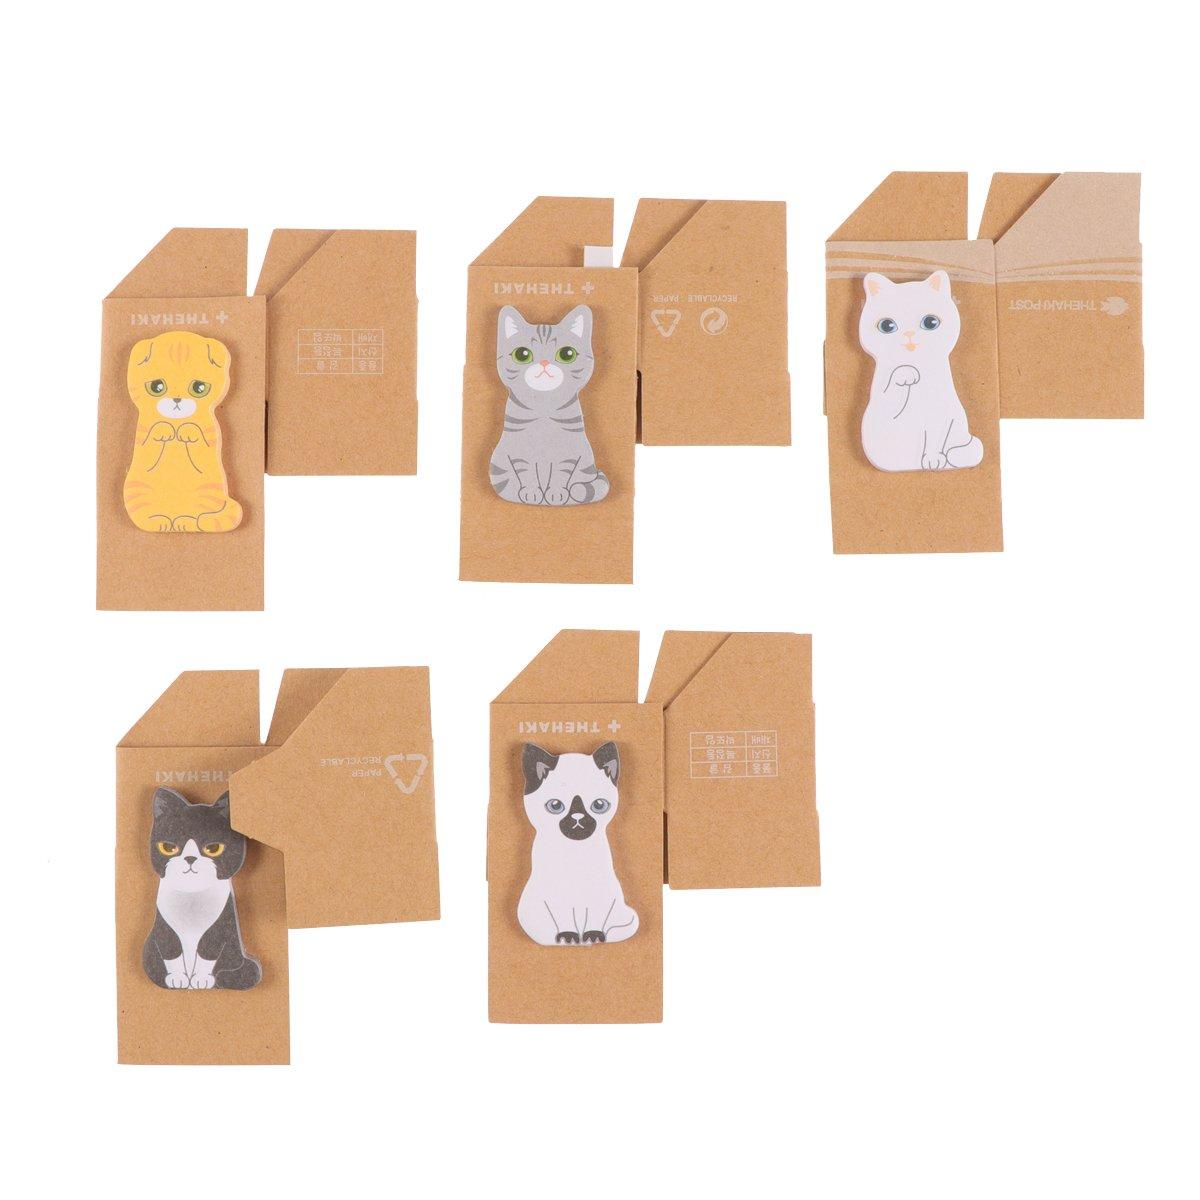 Segnapagina adesivo NUOLUX Segnapagina a forma di gatto con scatolina (5PCS)